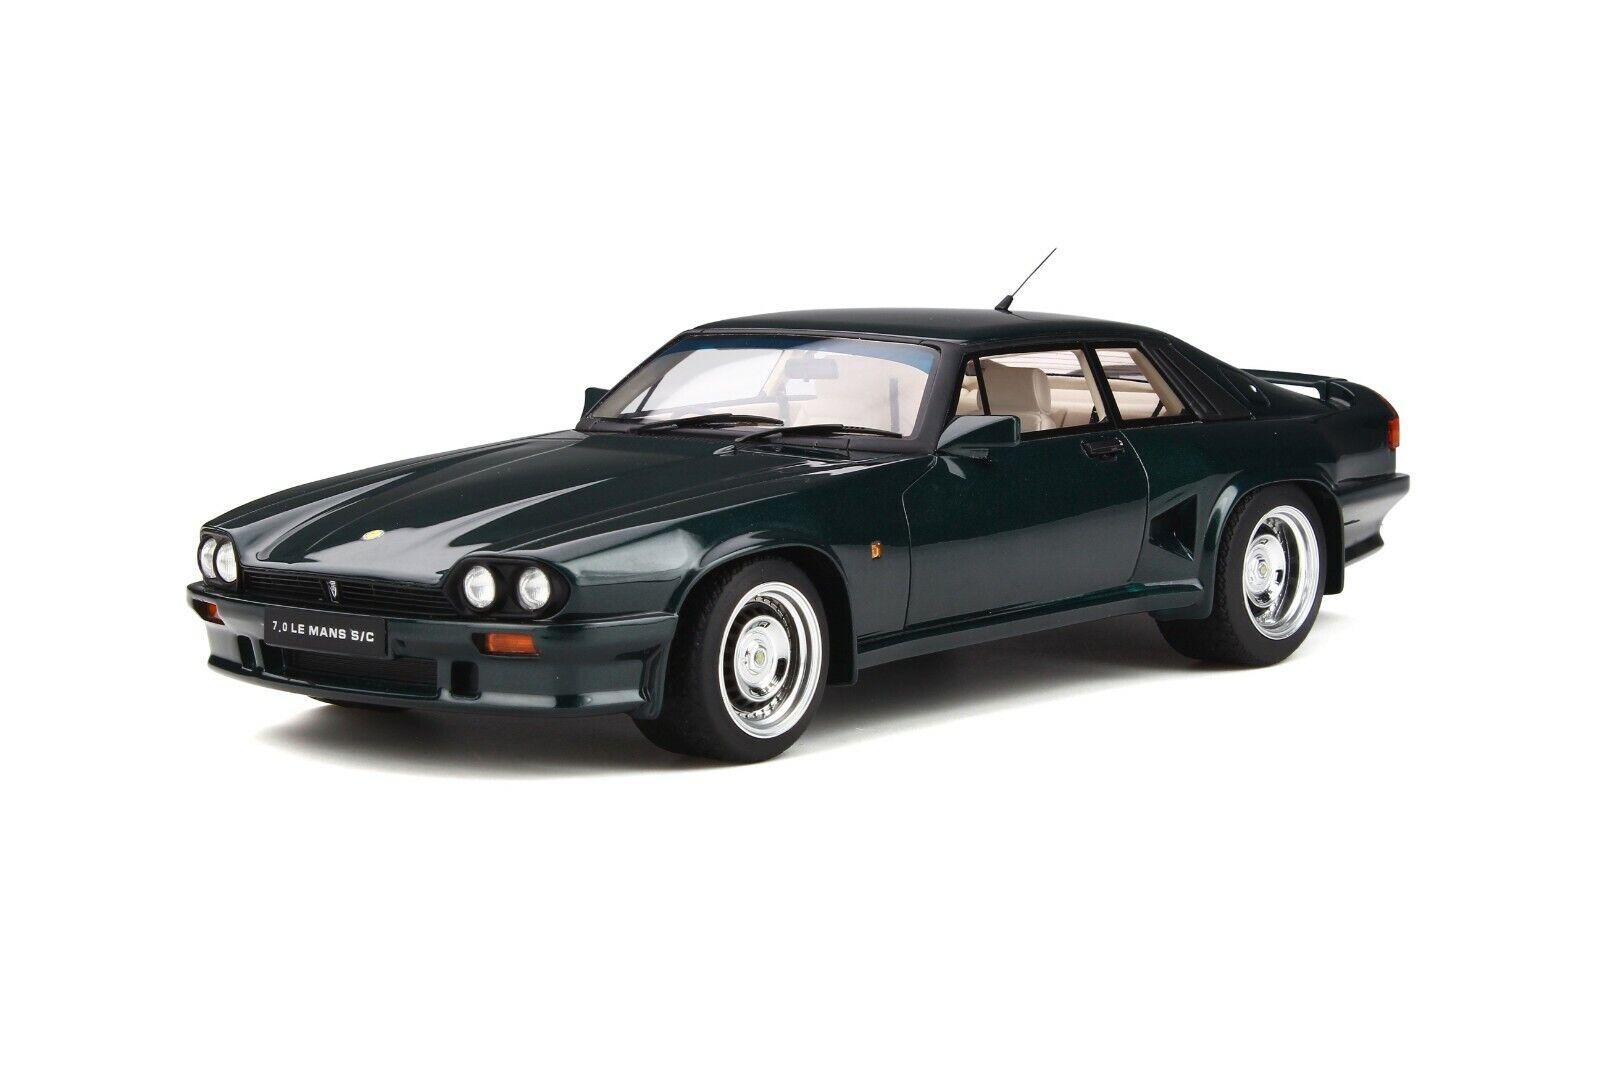 Jaguar Lister 7.0 Le Mans S C  NOUVEAU  GT Spirit gt217  1 18